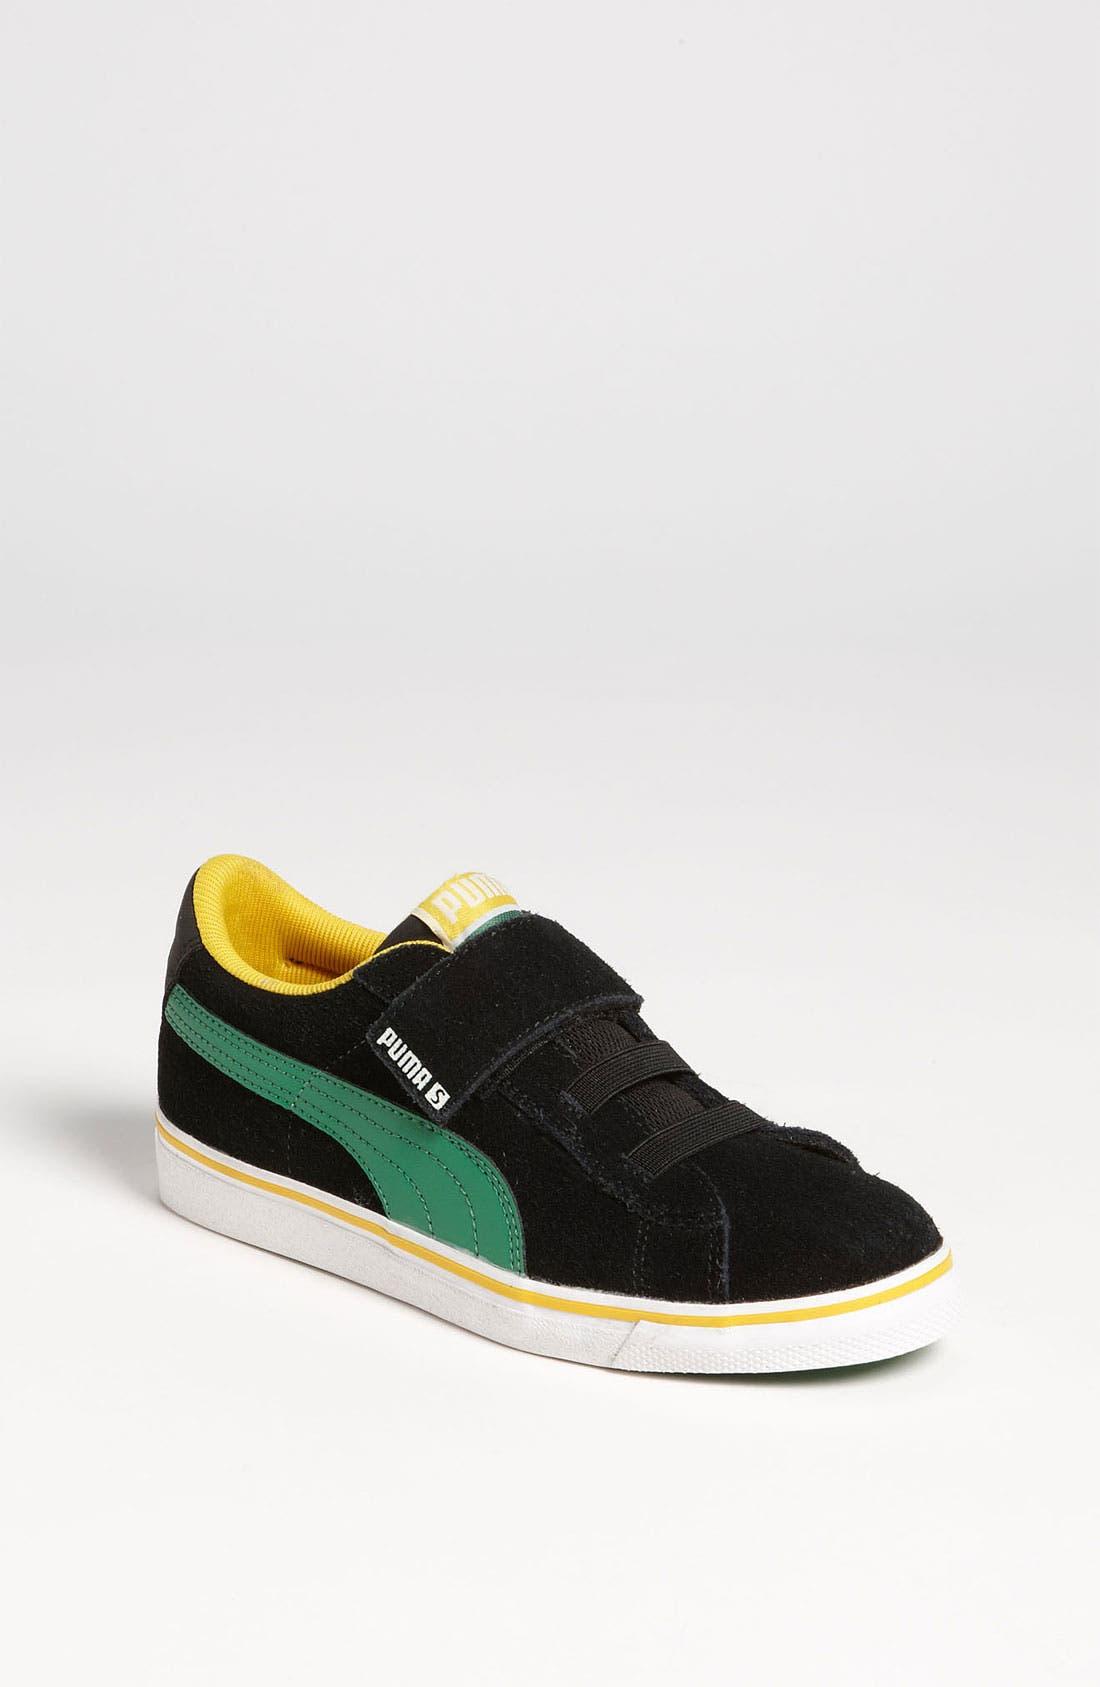 Alternate Image 1 Selected - PUMA 'S Vulc V' Sneaker (Baby, Walker & Toddler)